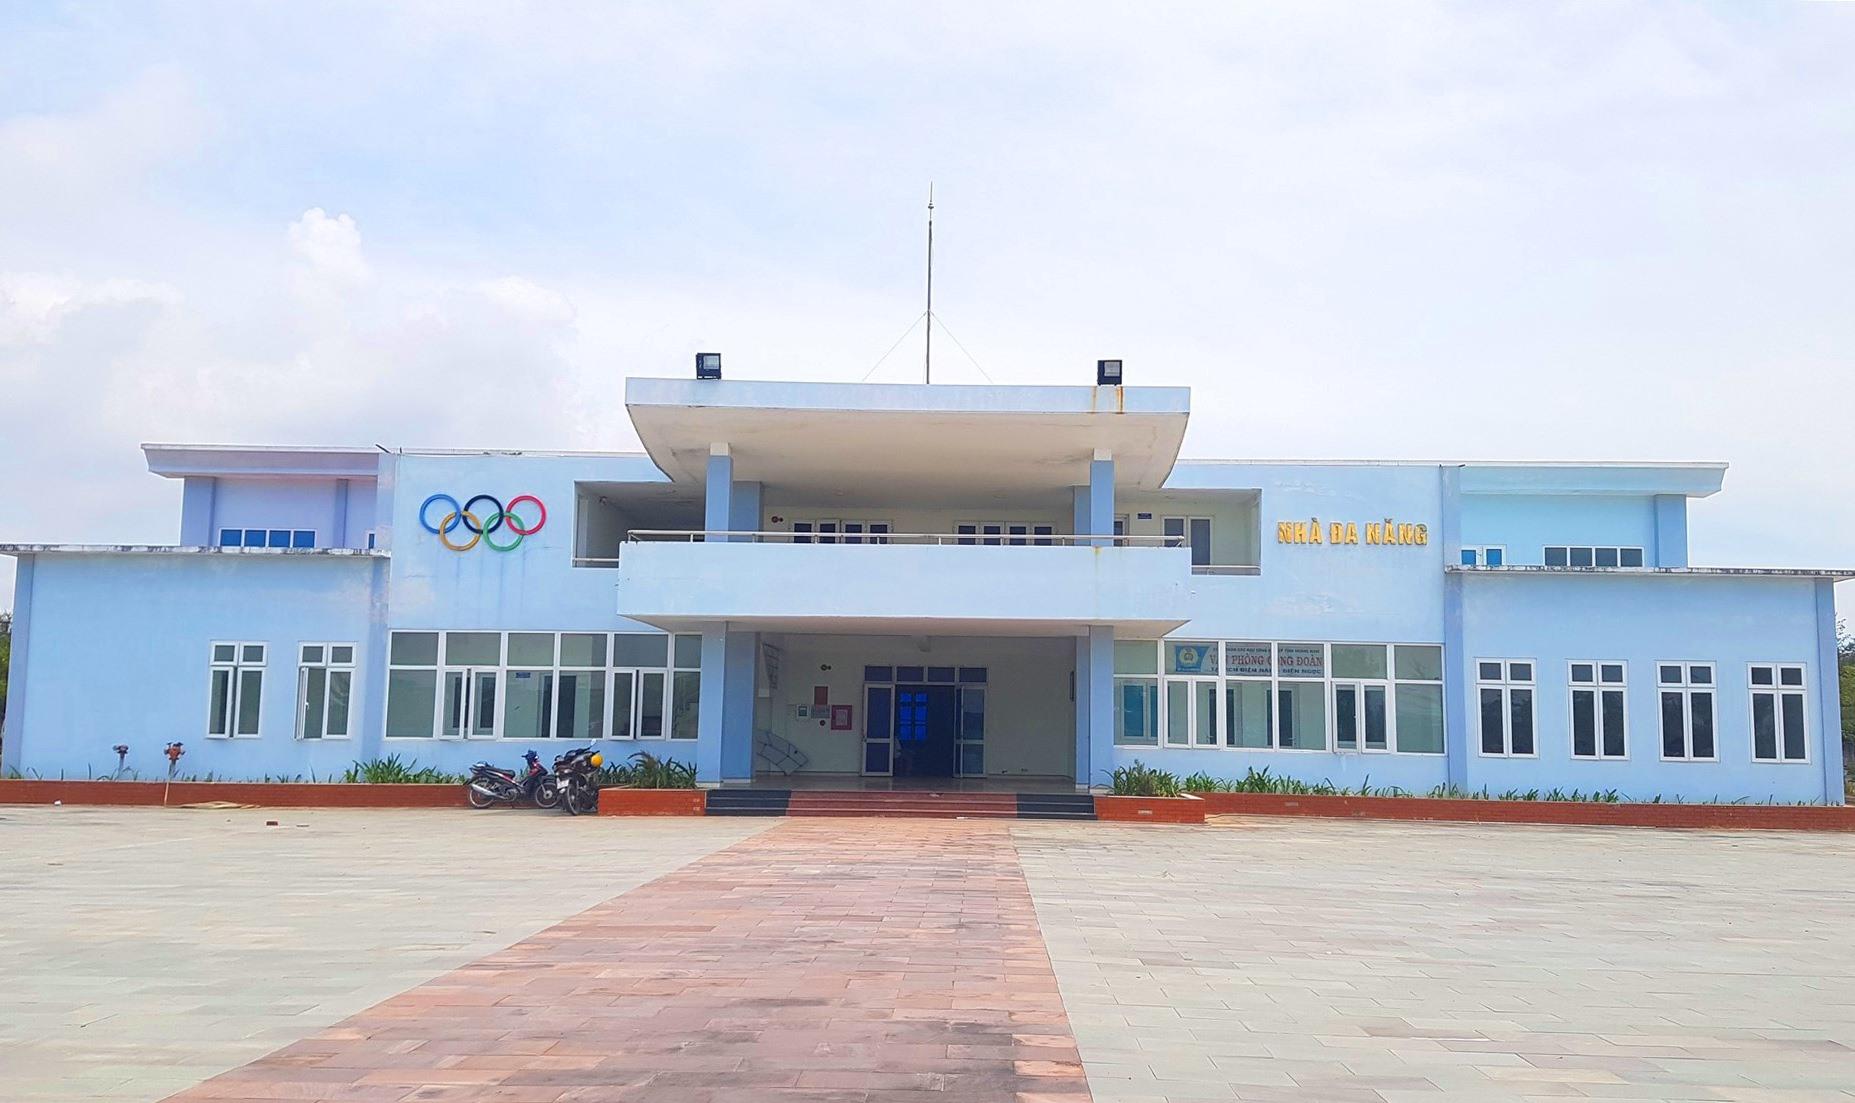 Nhà Văn hóa Lao động Điện Nam - Điện Ngọc được bàn giao cho Công đoàn các Khu công nghiệp tỉnh quản lý. Ảnh: D.L